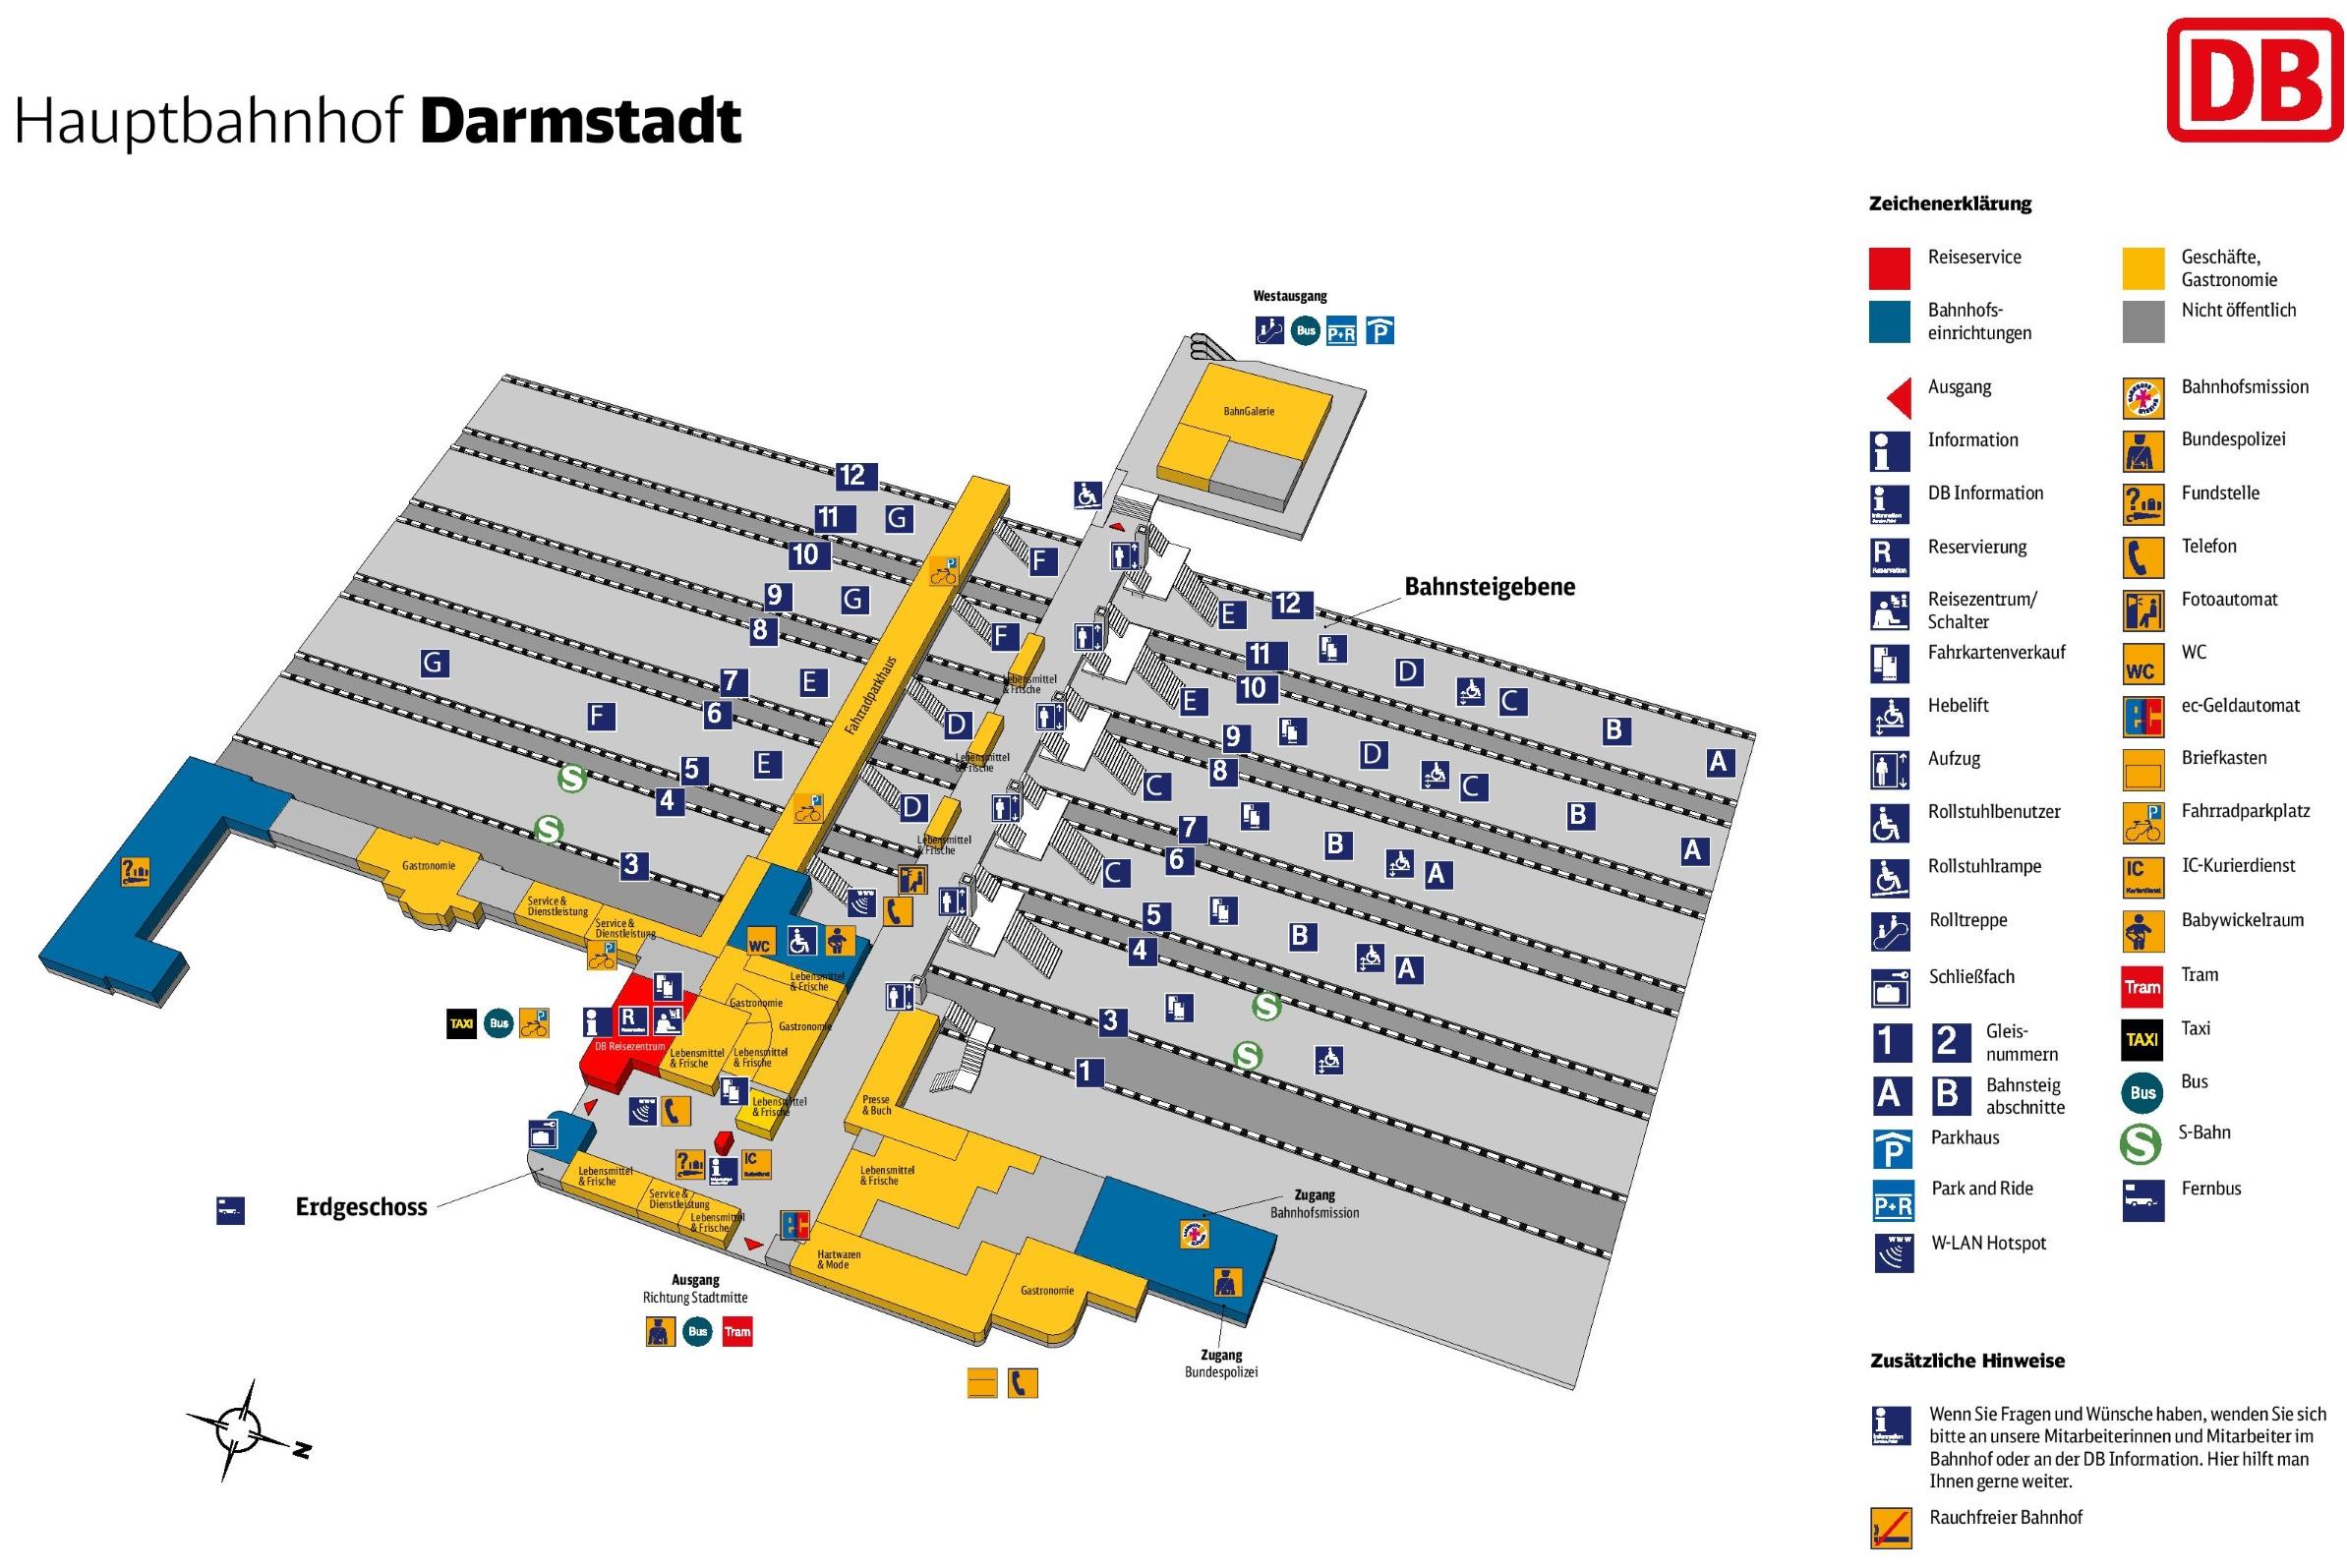 Darmstadt hauptbahnhof map